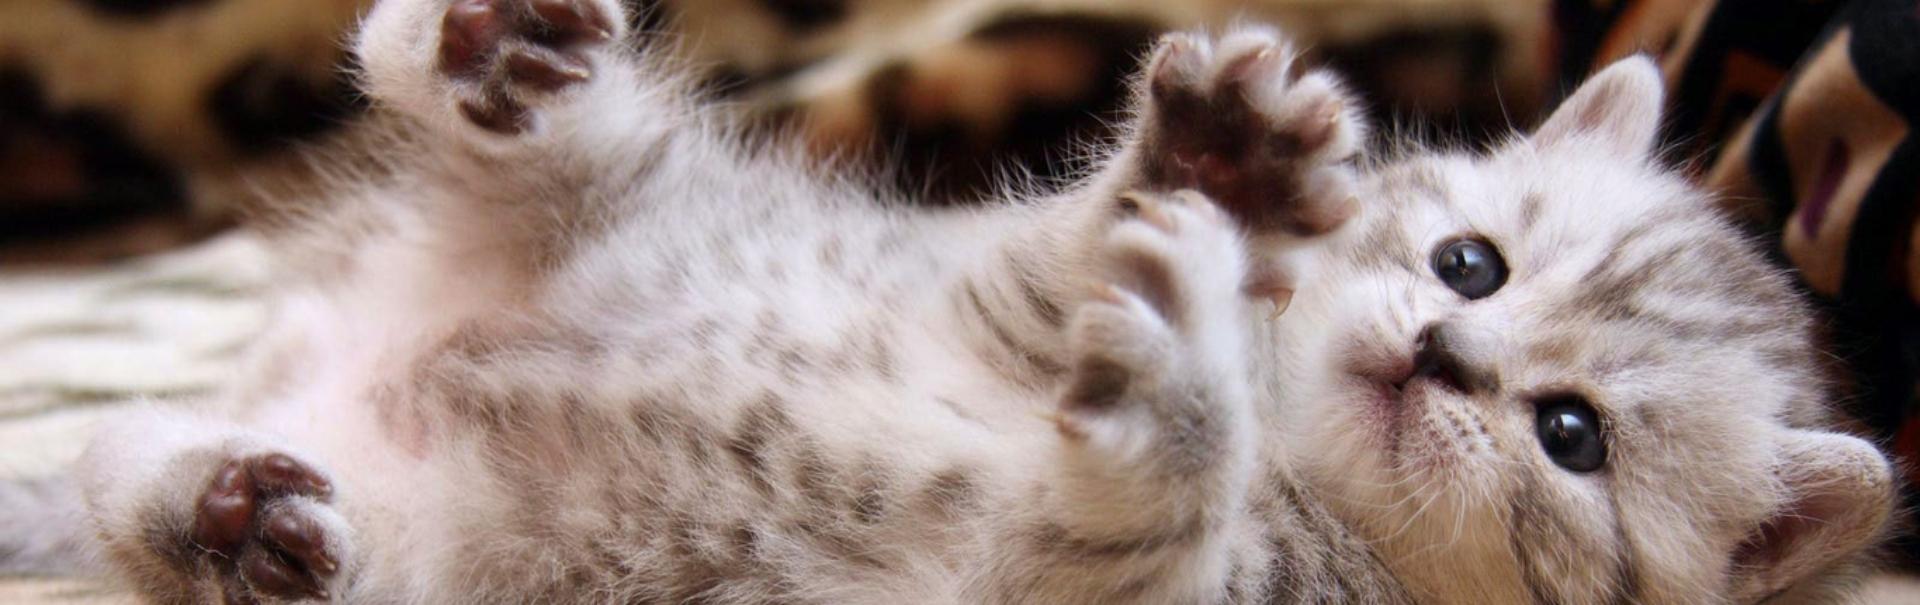 Mușcături din dragoste – de ce atacă pisica atunci când o mângâiem?